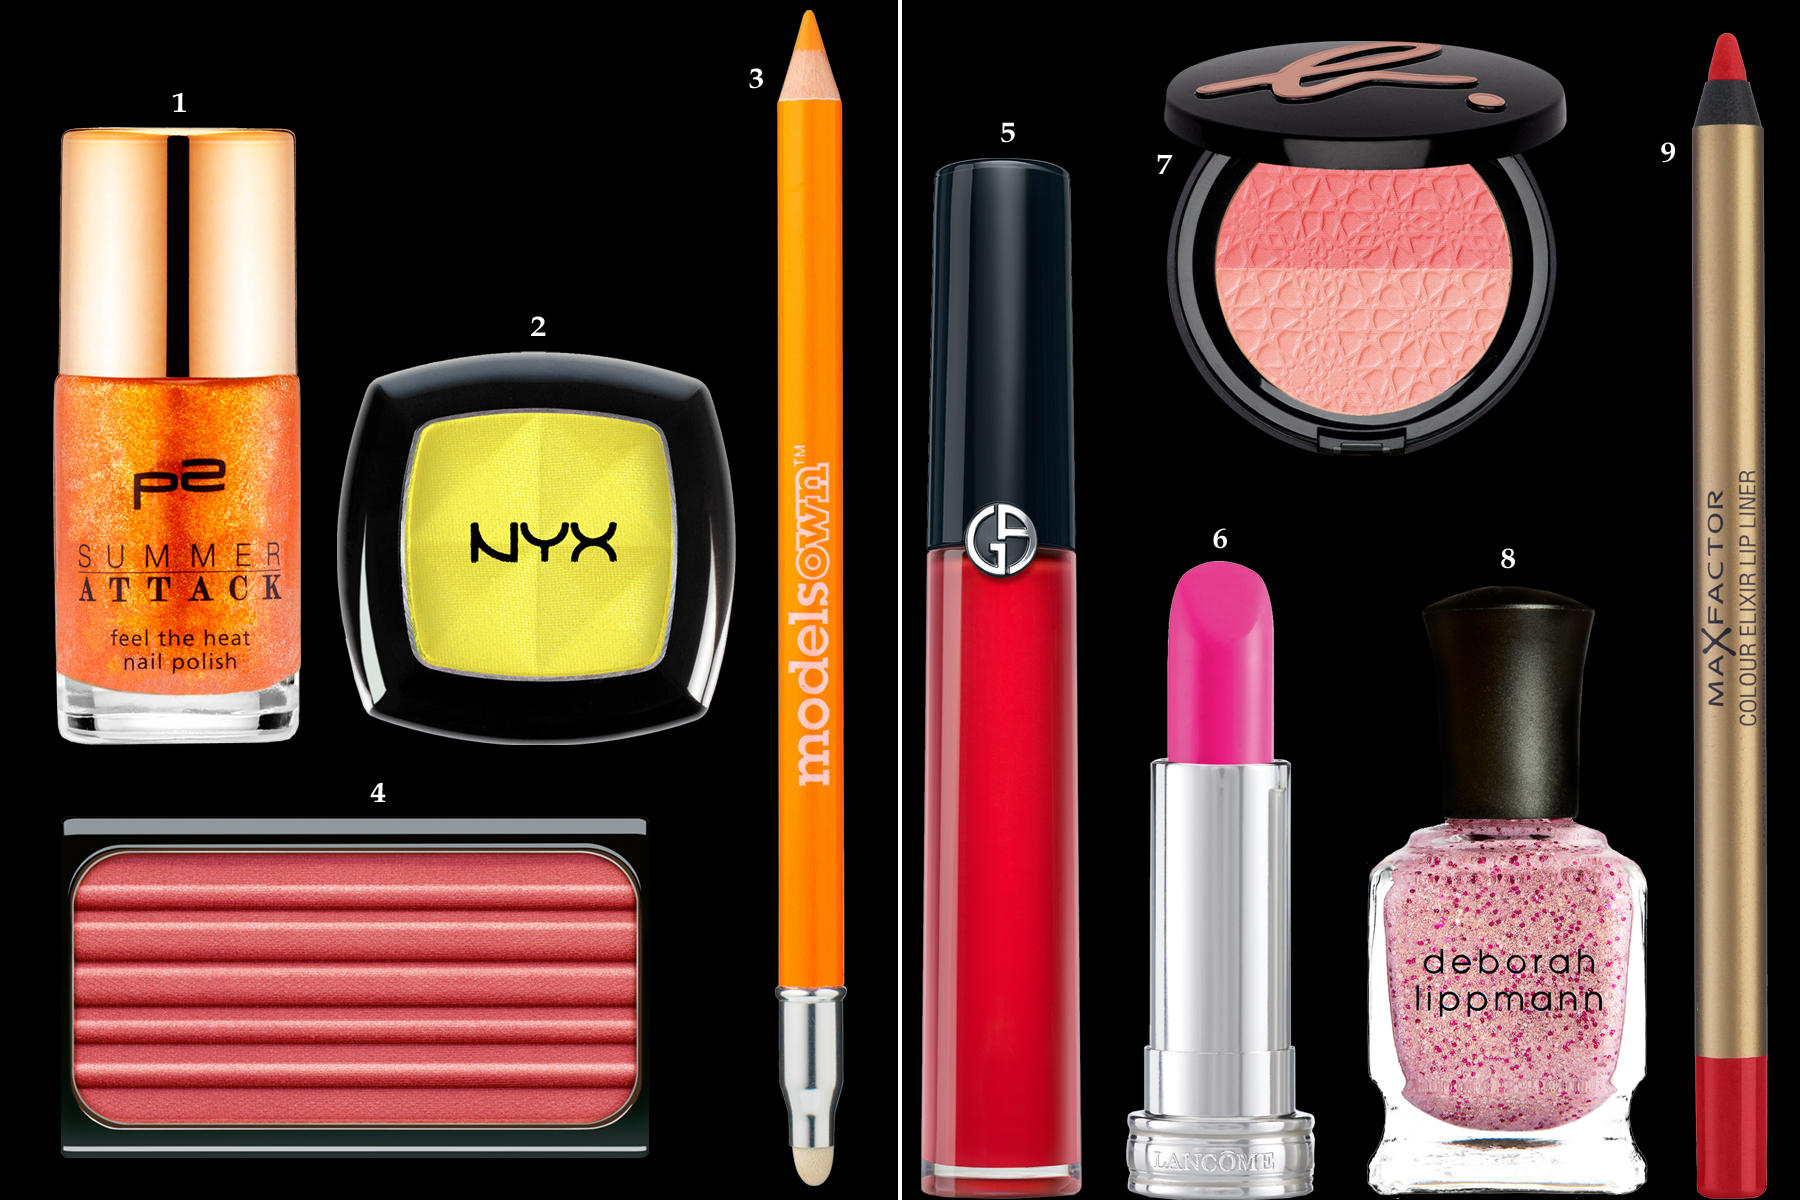 """1. Metallisch glänzender Nagellack """"Feel the heat nail polish – Orange"""" von P2, ca. 2 Euro, limitiert; 2. Hochpigmentierter Lidschatten """"Single Eye Shadow"""" von NYX, ca. 7 Euro, nur bei Douglas erhältlich; 3. Leuchtender Kajalstift """"Khol Neon Eyeliner Pencil"""" in """"Neon Orange"""" von Models Own, je ca. 5 Euro, über www.point-rouge.de; 4. Puder-Rouge """"Blusher – Vitamin Bomb"""" von Artdeco, ca. 9 Euro, limitiert; 5. Kristallglanz-Lipgloss mit hydratisierenden Ölen """"Flash Lacquer – Red"""" von Giorgio Armani, ca. 30 Euro; 6. Schön cremig: Lippenstift """"Pink Bonbon"""" von Lancôme, ca. 25 Euro; 7. Duo-Rouge """"Rosa Harmonie"""" von Agnès B., ca. 28 Euro; 8. Nagellack """"Mermaids – Kiss"""" von Deborah Lippmann, ca. 24 Euro, www.niche-beauty.de; 9. Matter Lippen-Konturenstift """"Colour Elixir Lipliner"""" von Max Factor, ca. 7 Euro"""